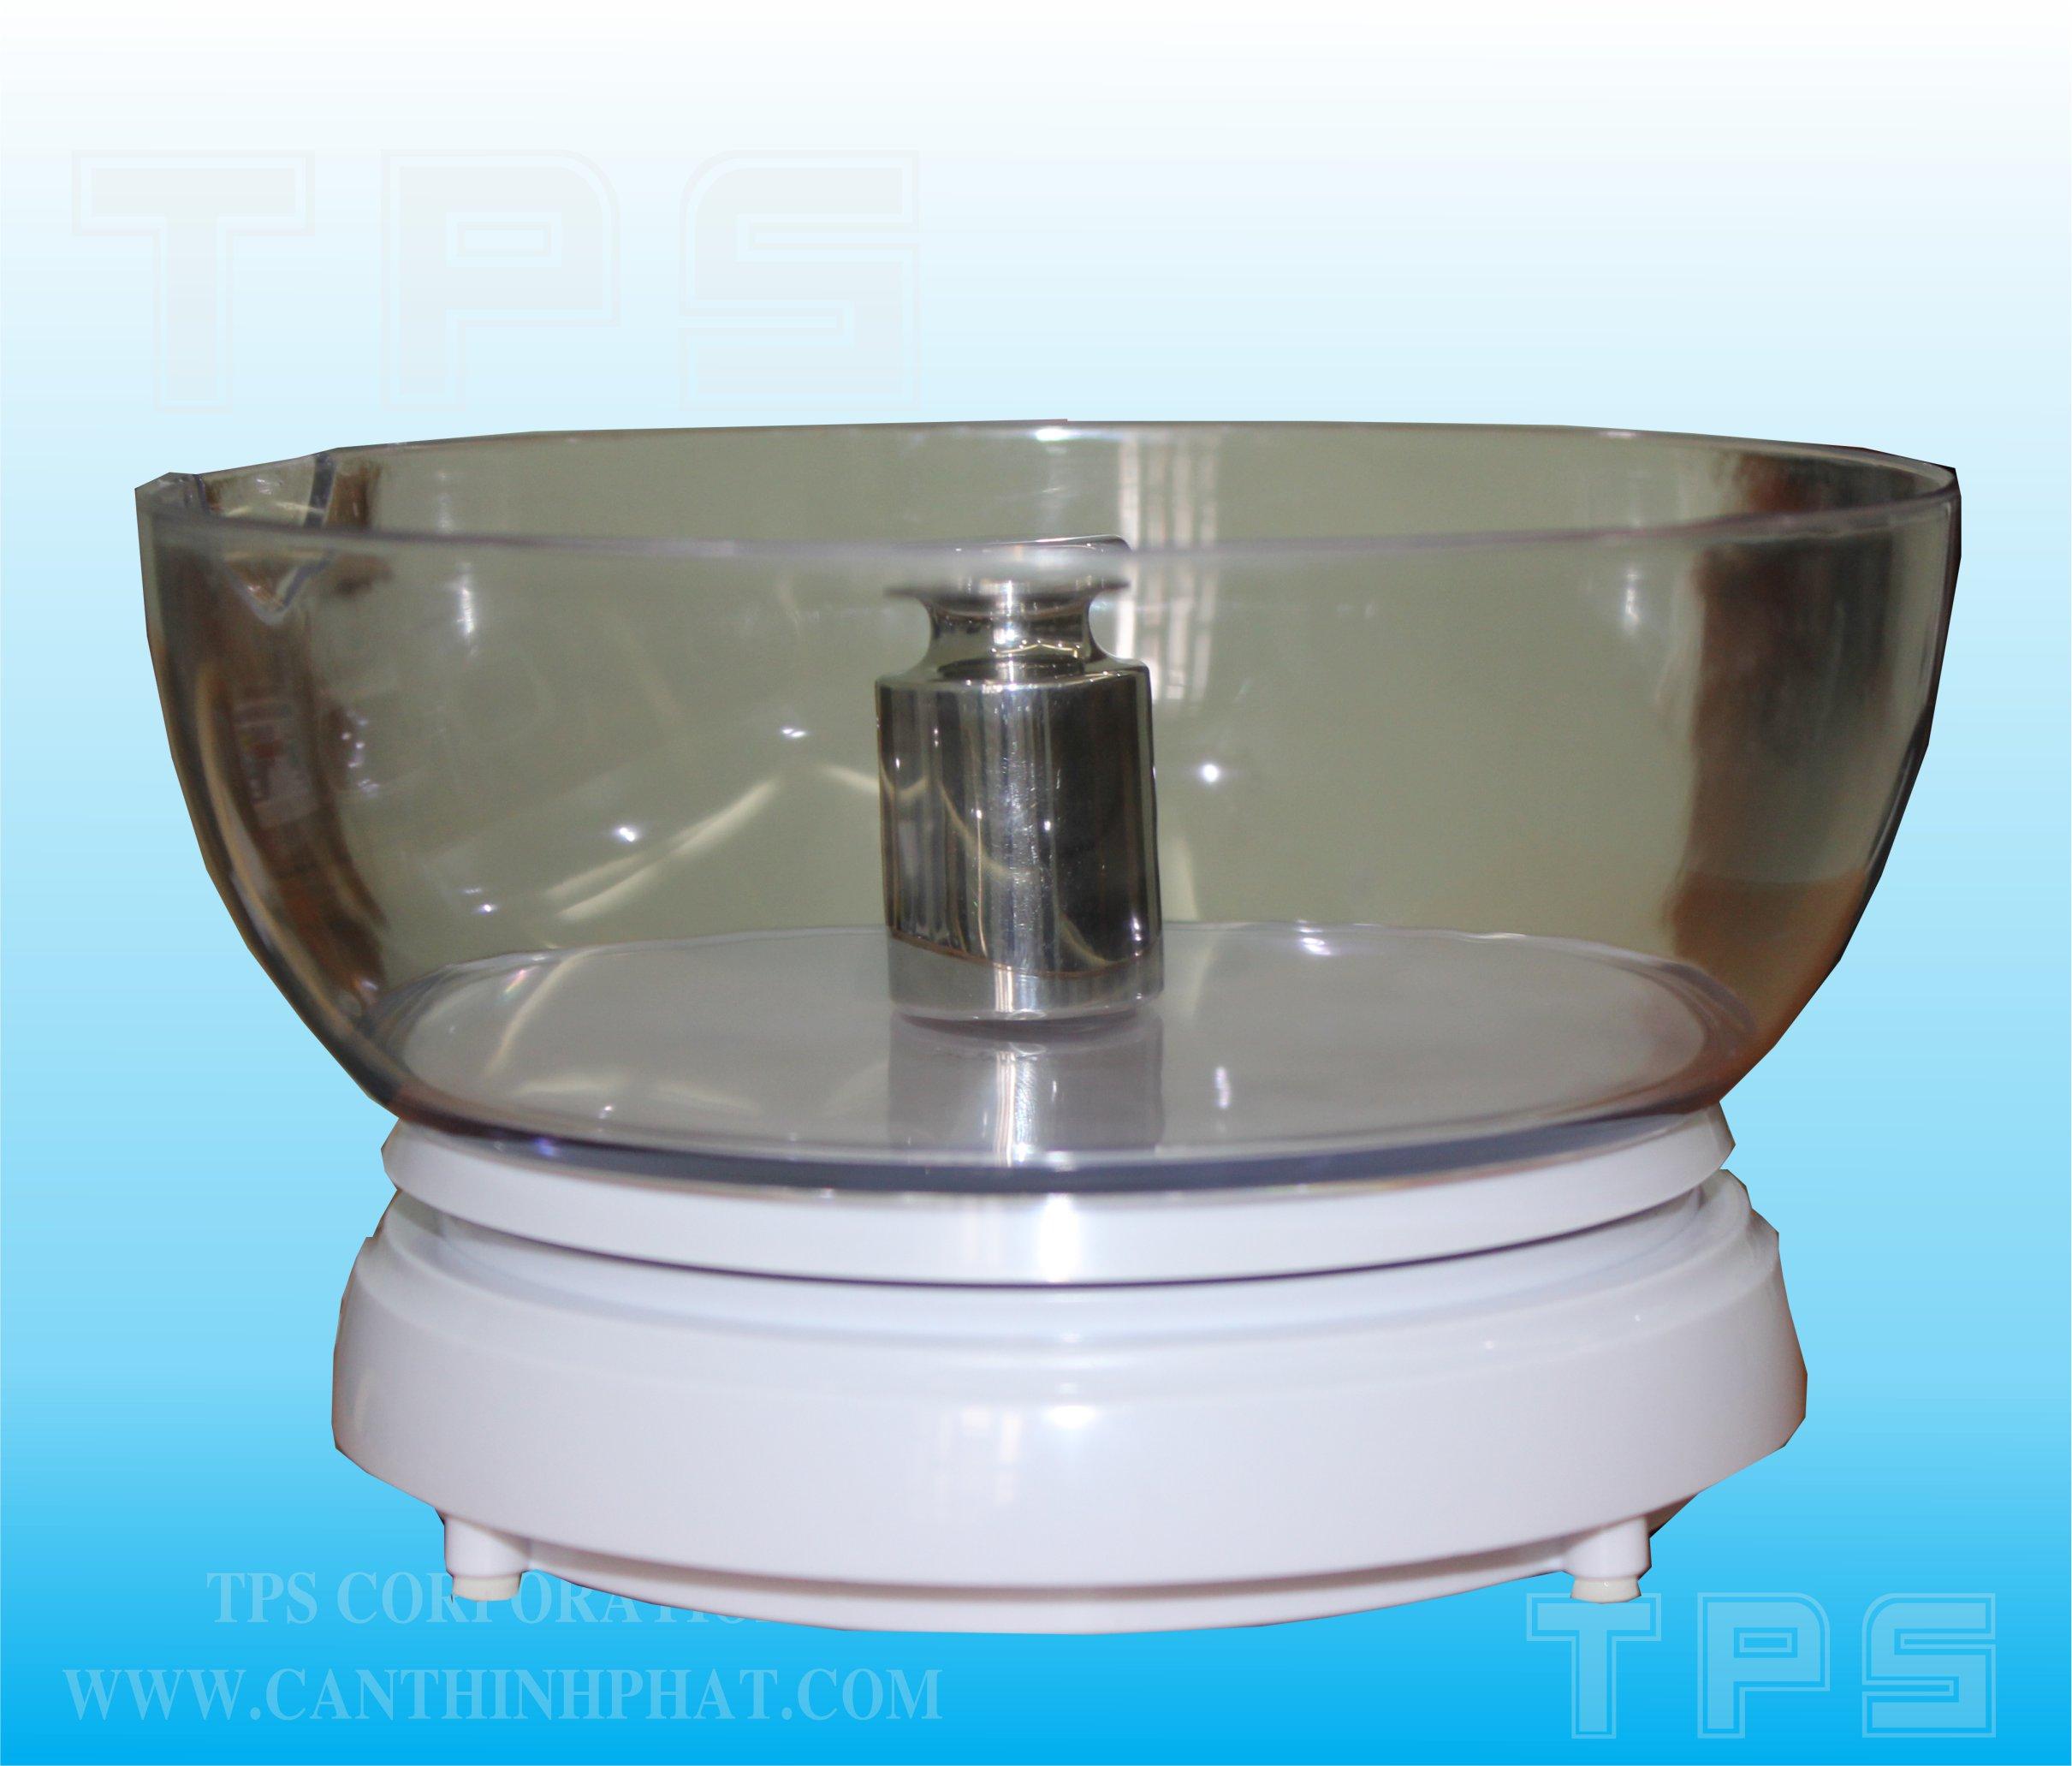 VMC-FRJ5kg - 705